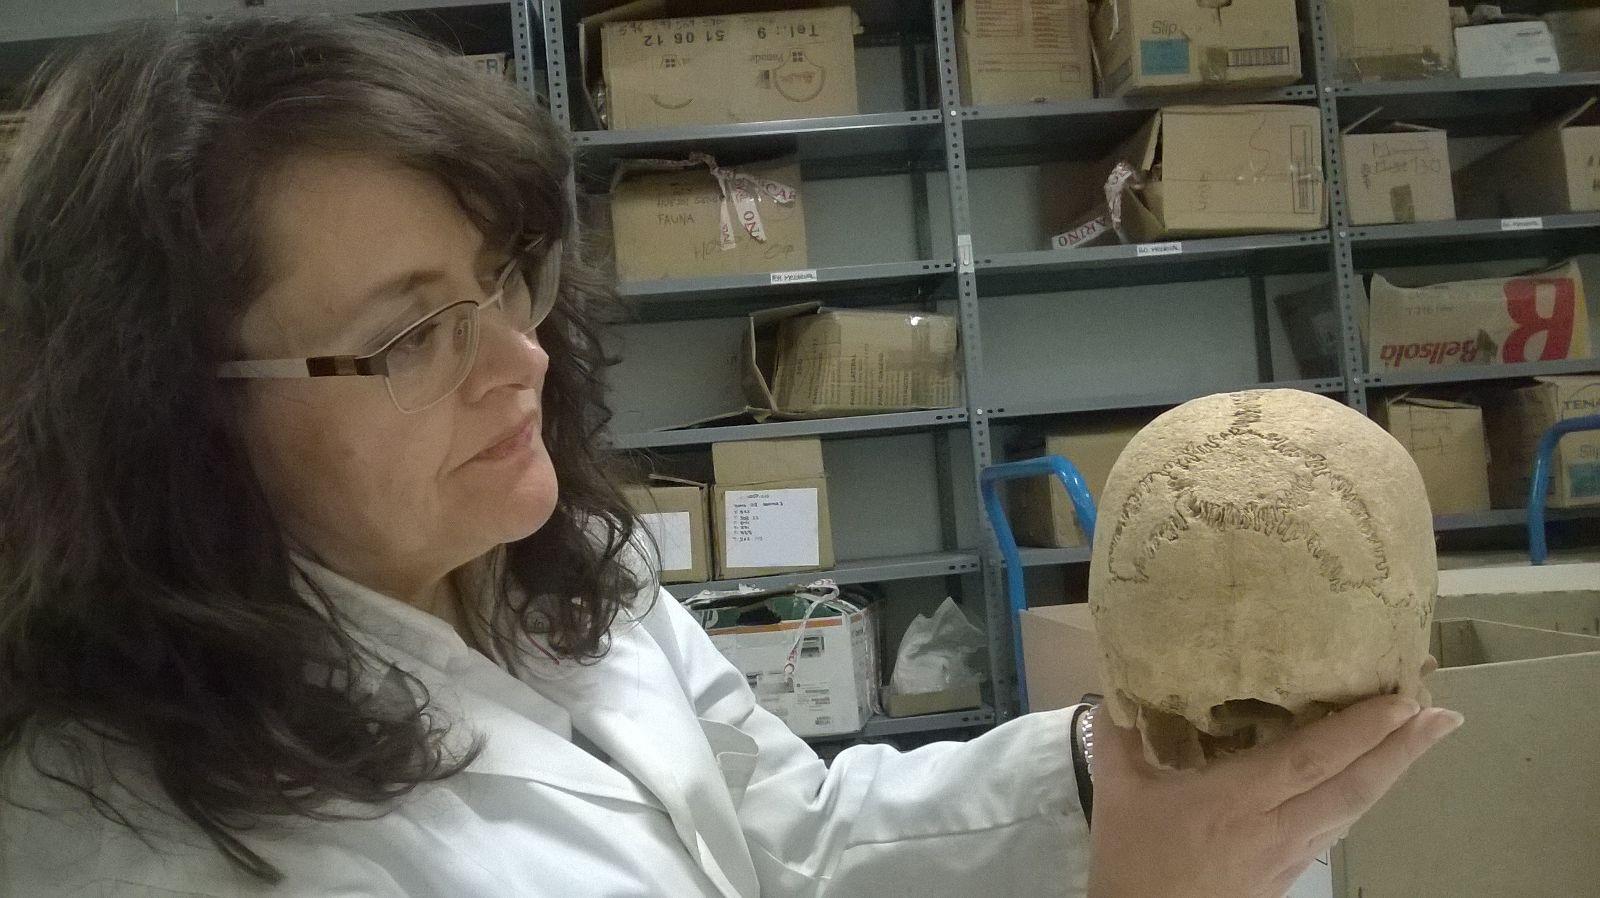 Hace casi 4.000 años ya existían trabajos especializados por sexos y algunas tareas solo las realizaban las mujeres